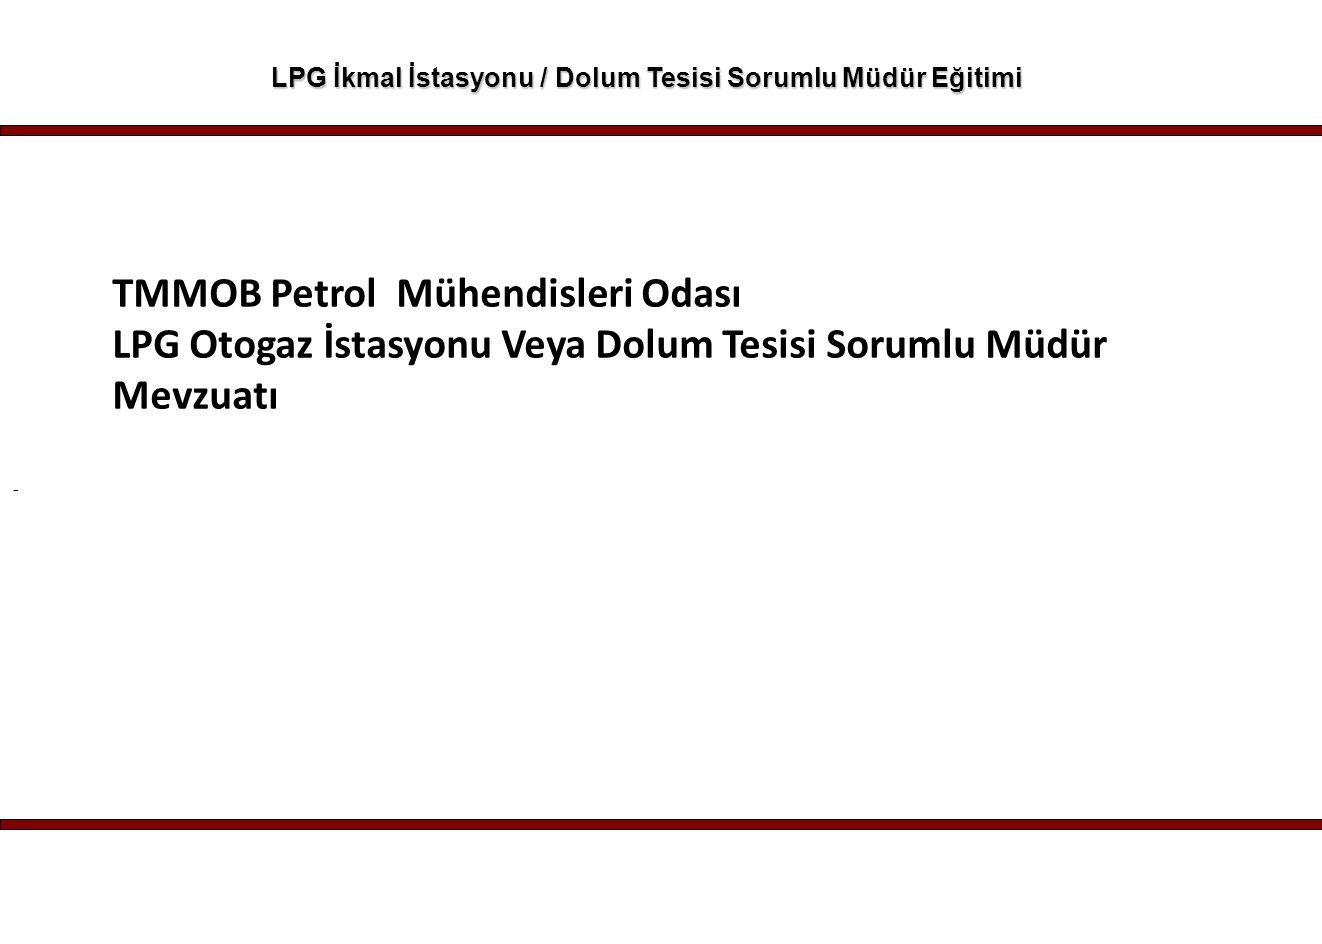 - LPG İkmal İstasyonu / Dolum Tesisi Sorumlu Müdür Eğitimi TMMOB Petrol Mühendisleri Odası LPG Otogaz İstasyonu Veya Dolum Tesisi Sorumlu Müdür Mevzua